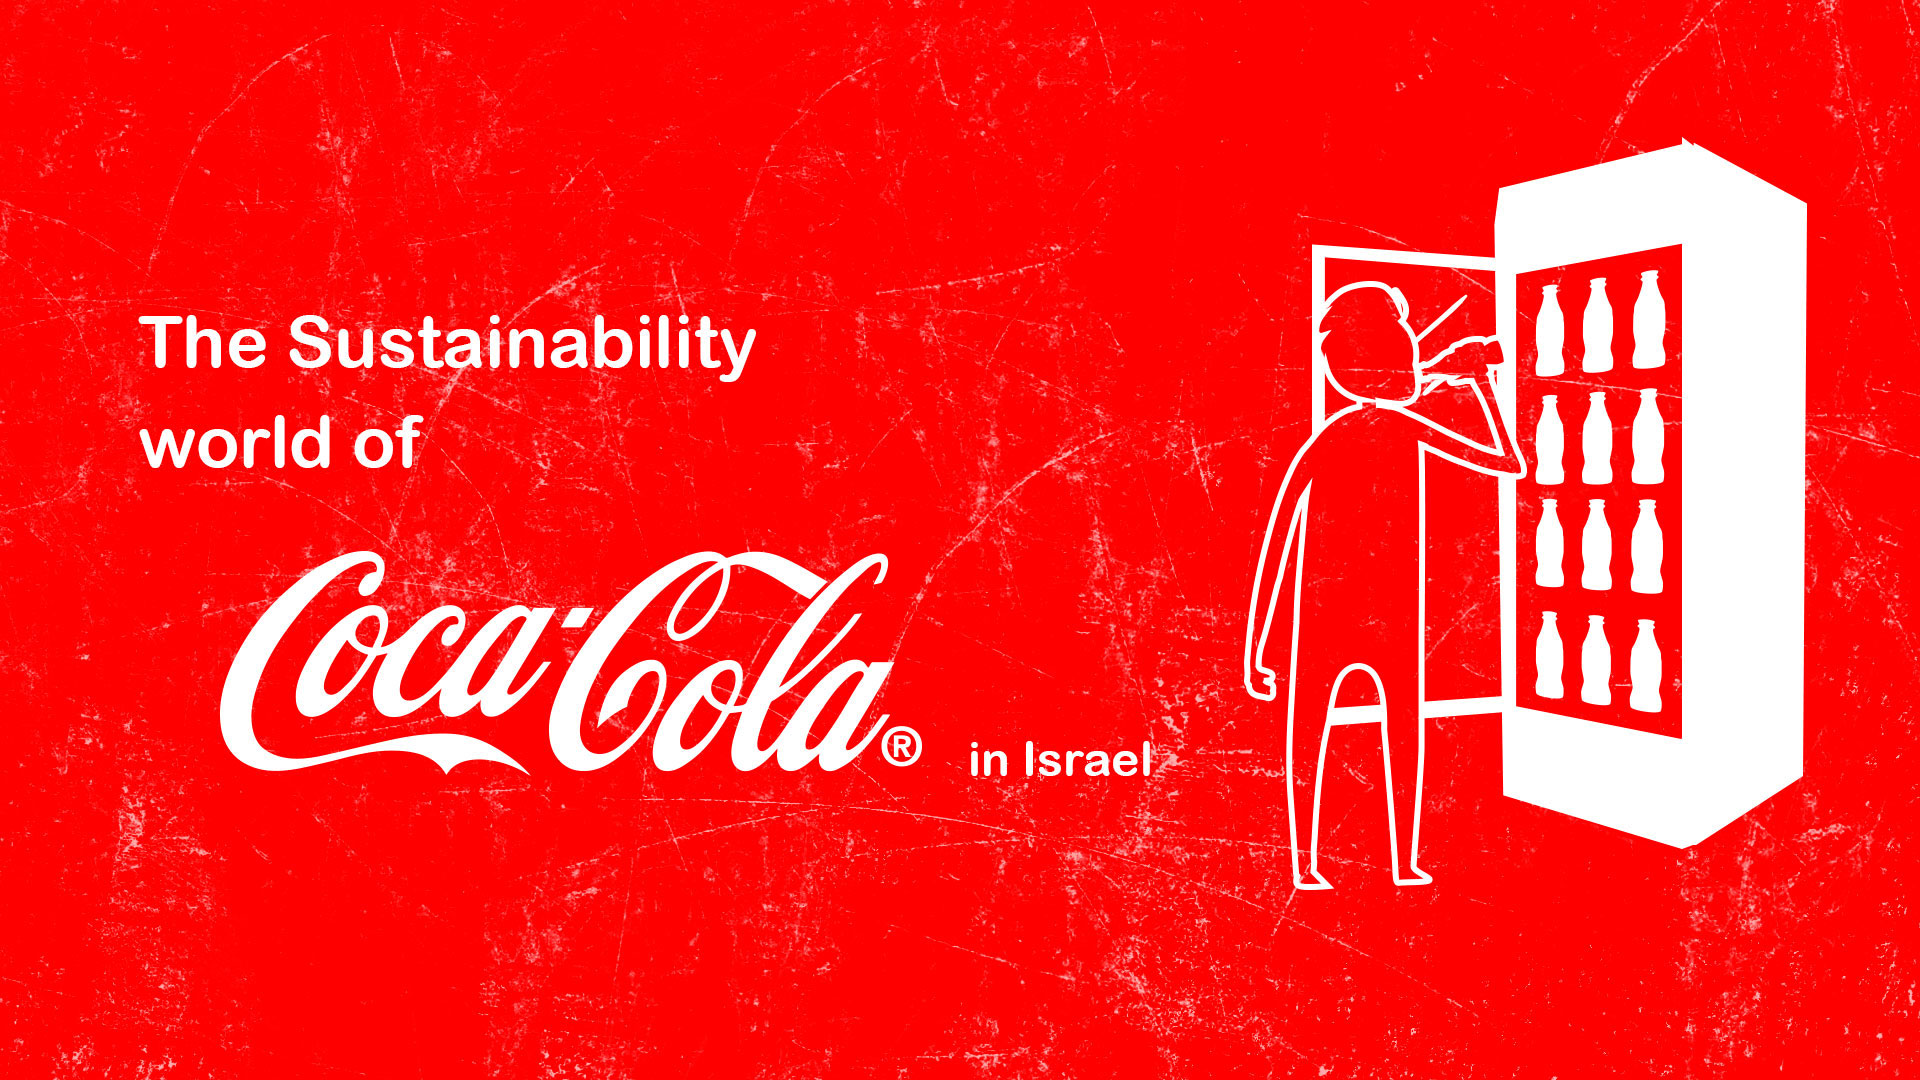 CocaCola sustainability קוקה קולה קיימות